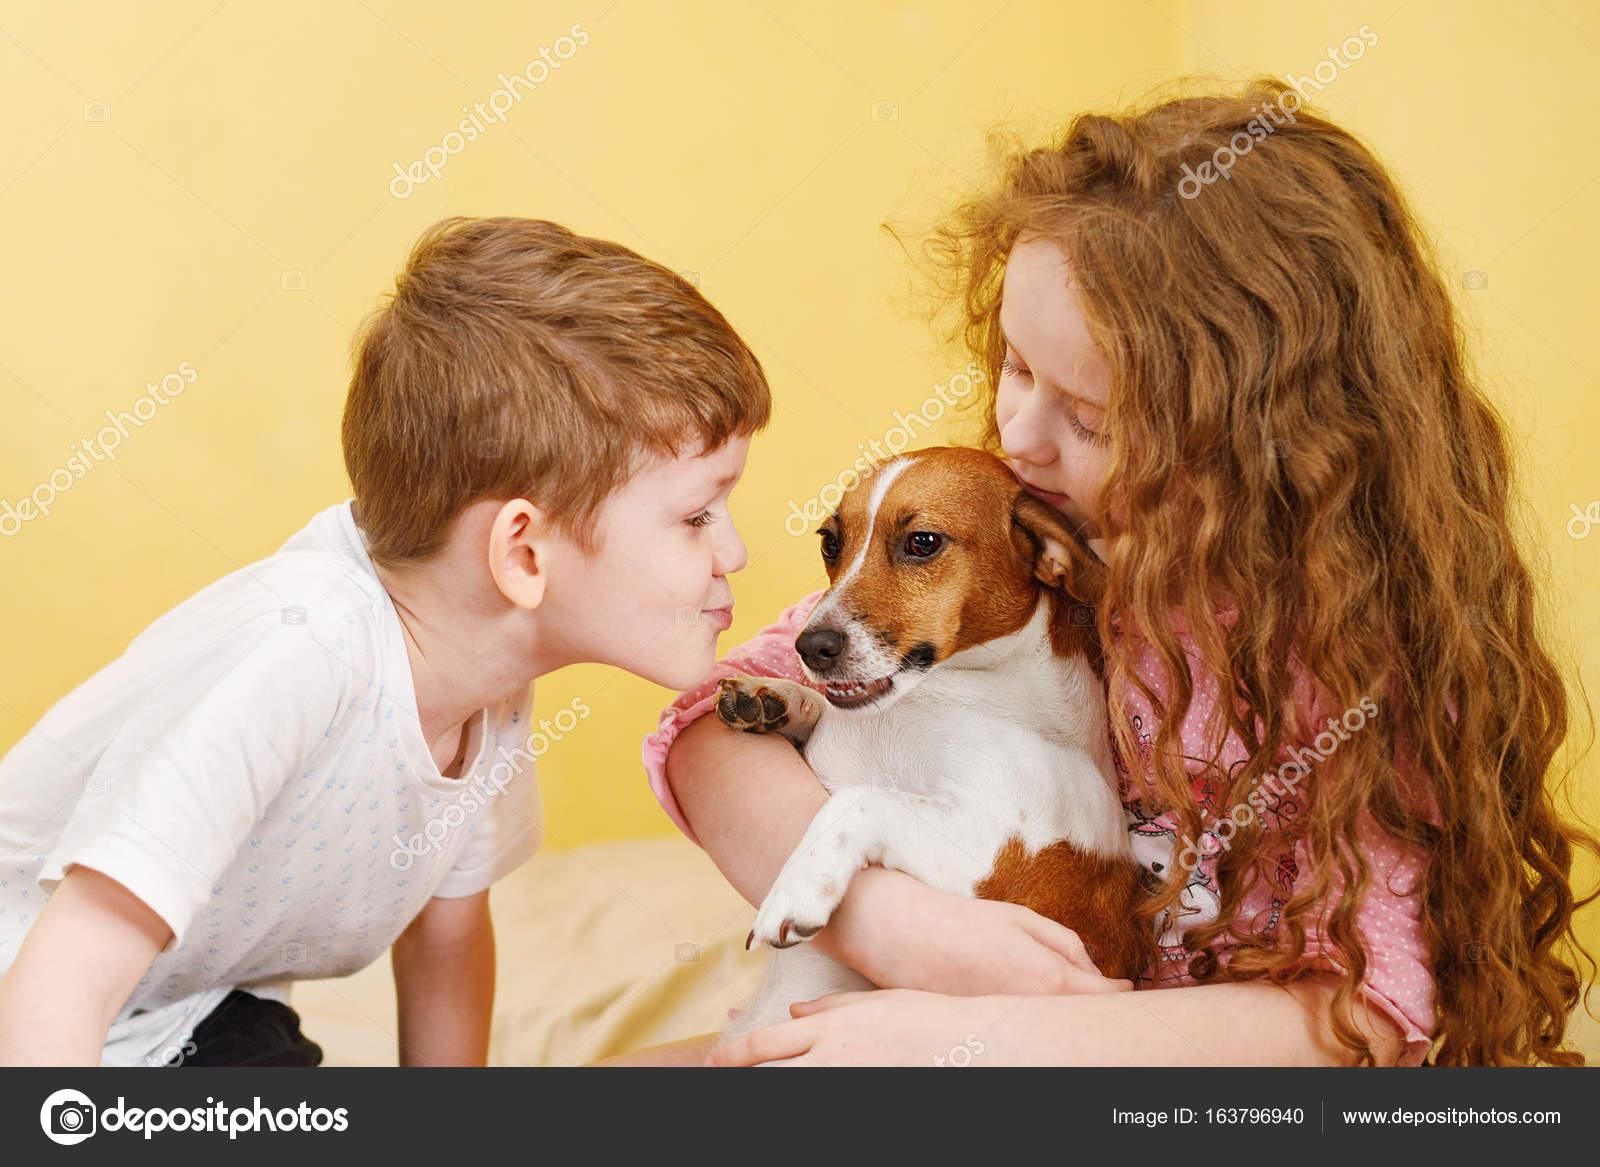 Kussen Voor Kinderen : Kinderen kussen een pup jack russell hond u stockfoto ulkas